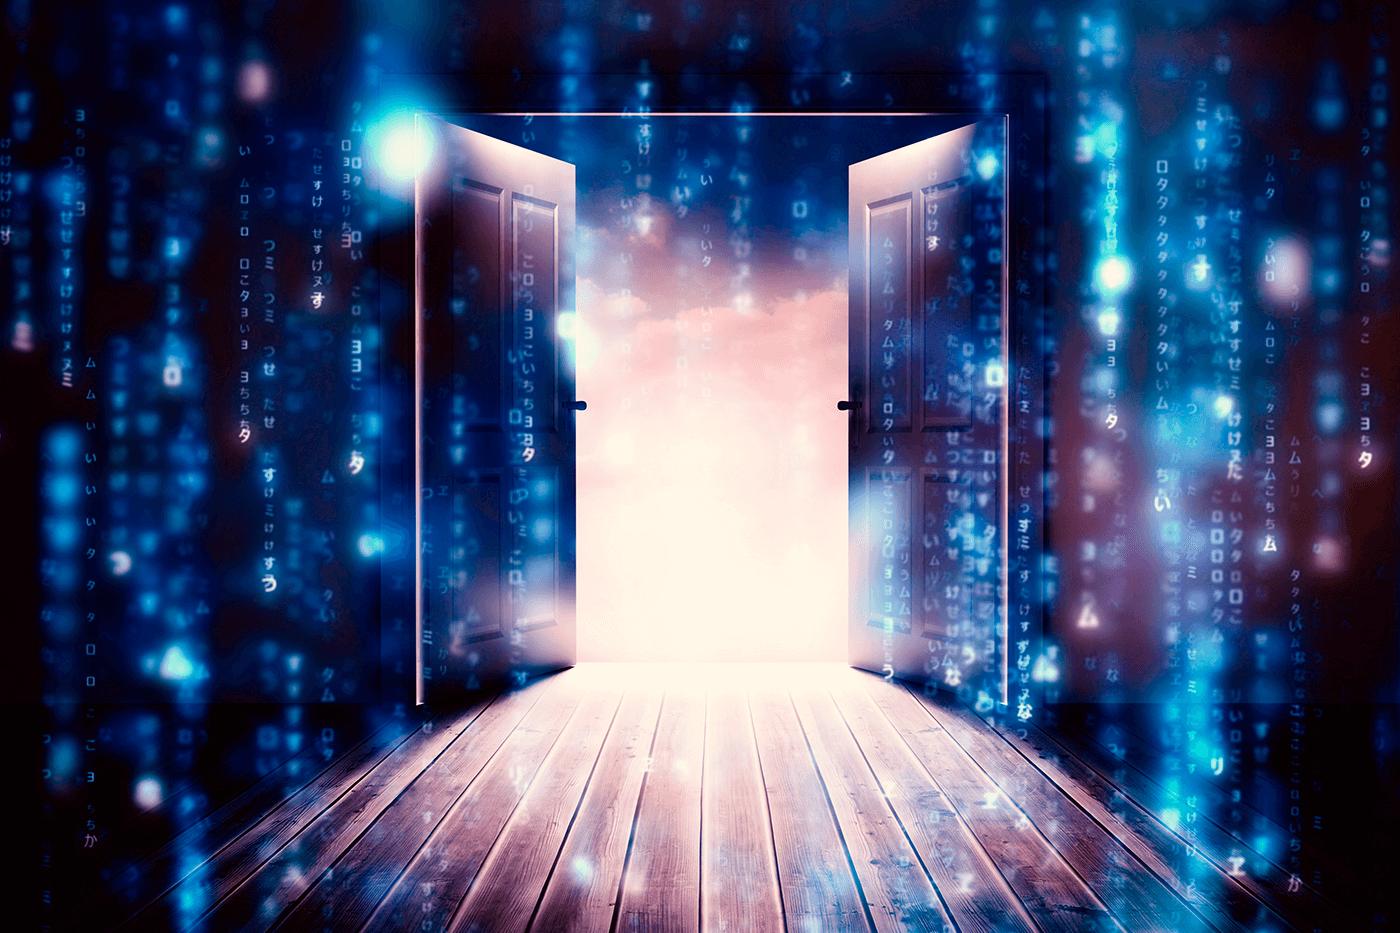 """""""Oven avaaminen voi synnyttää henkilörekisterin""""- Keväällä voimaan tullut tietosuoja-asetus koskee myös taloyhtiöitä"""